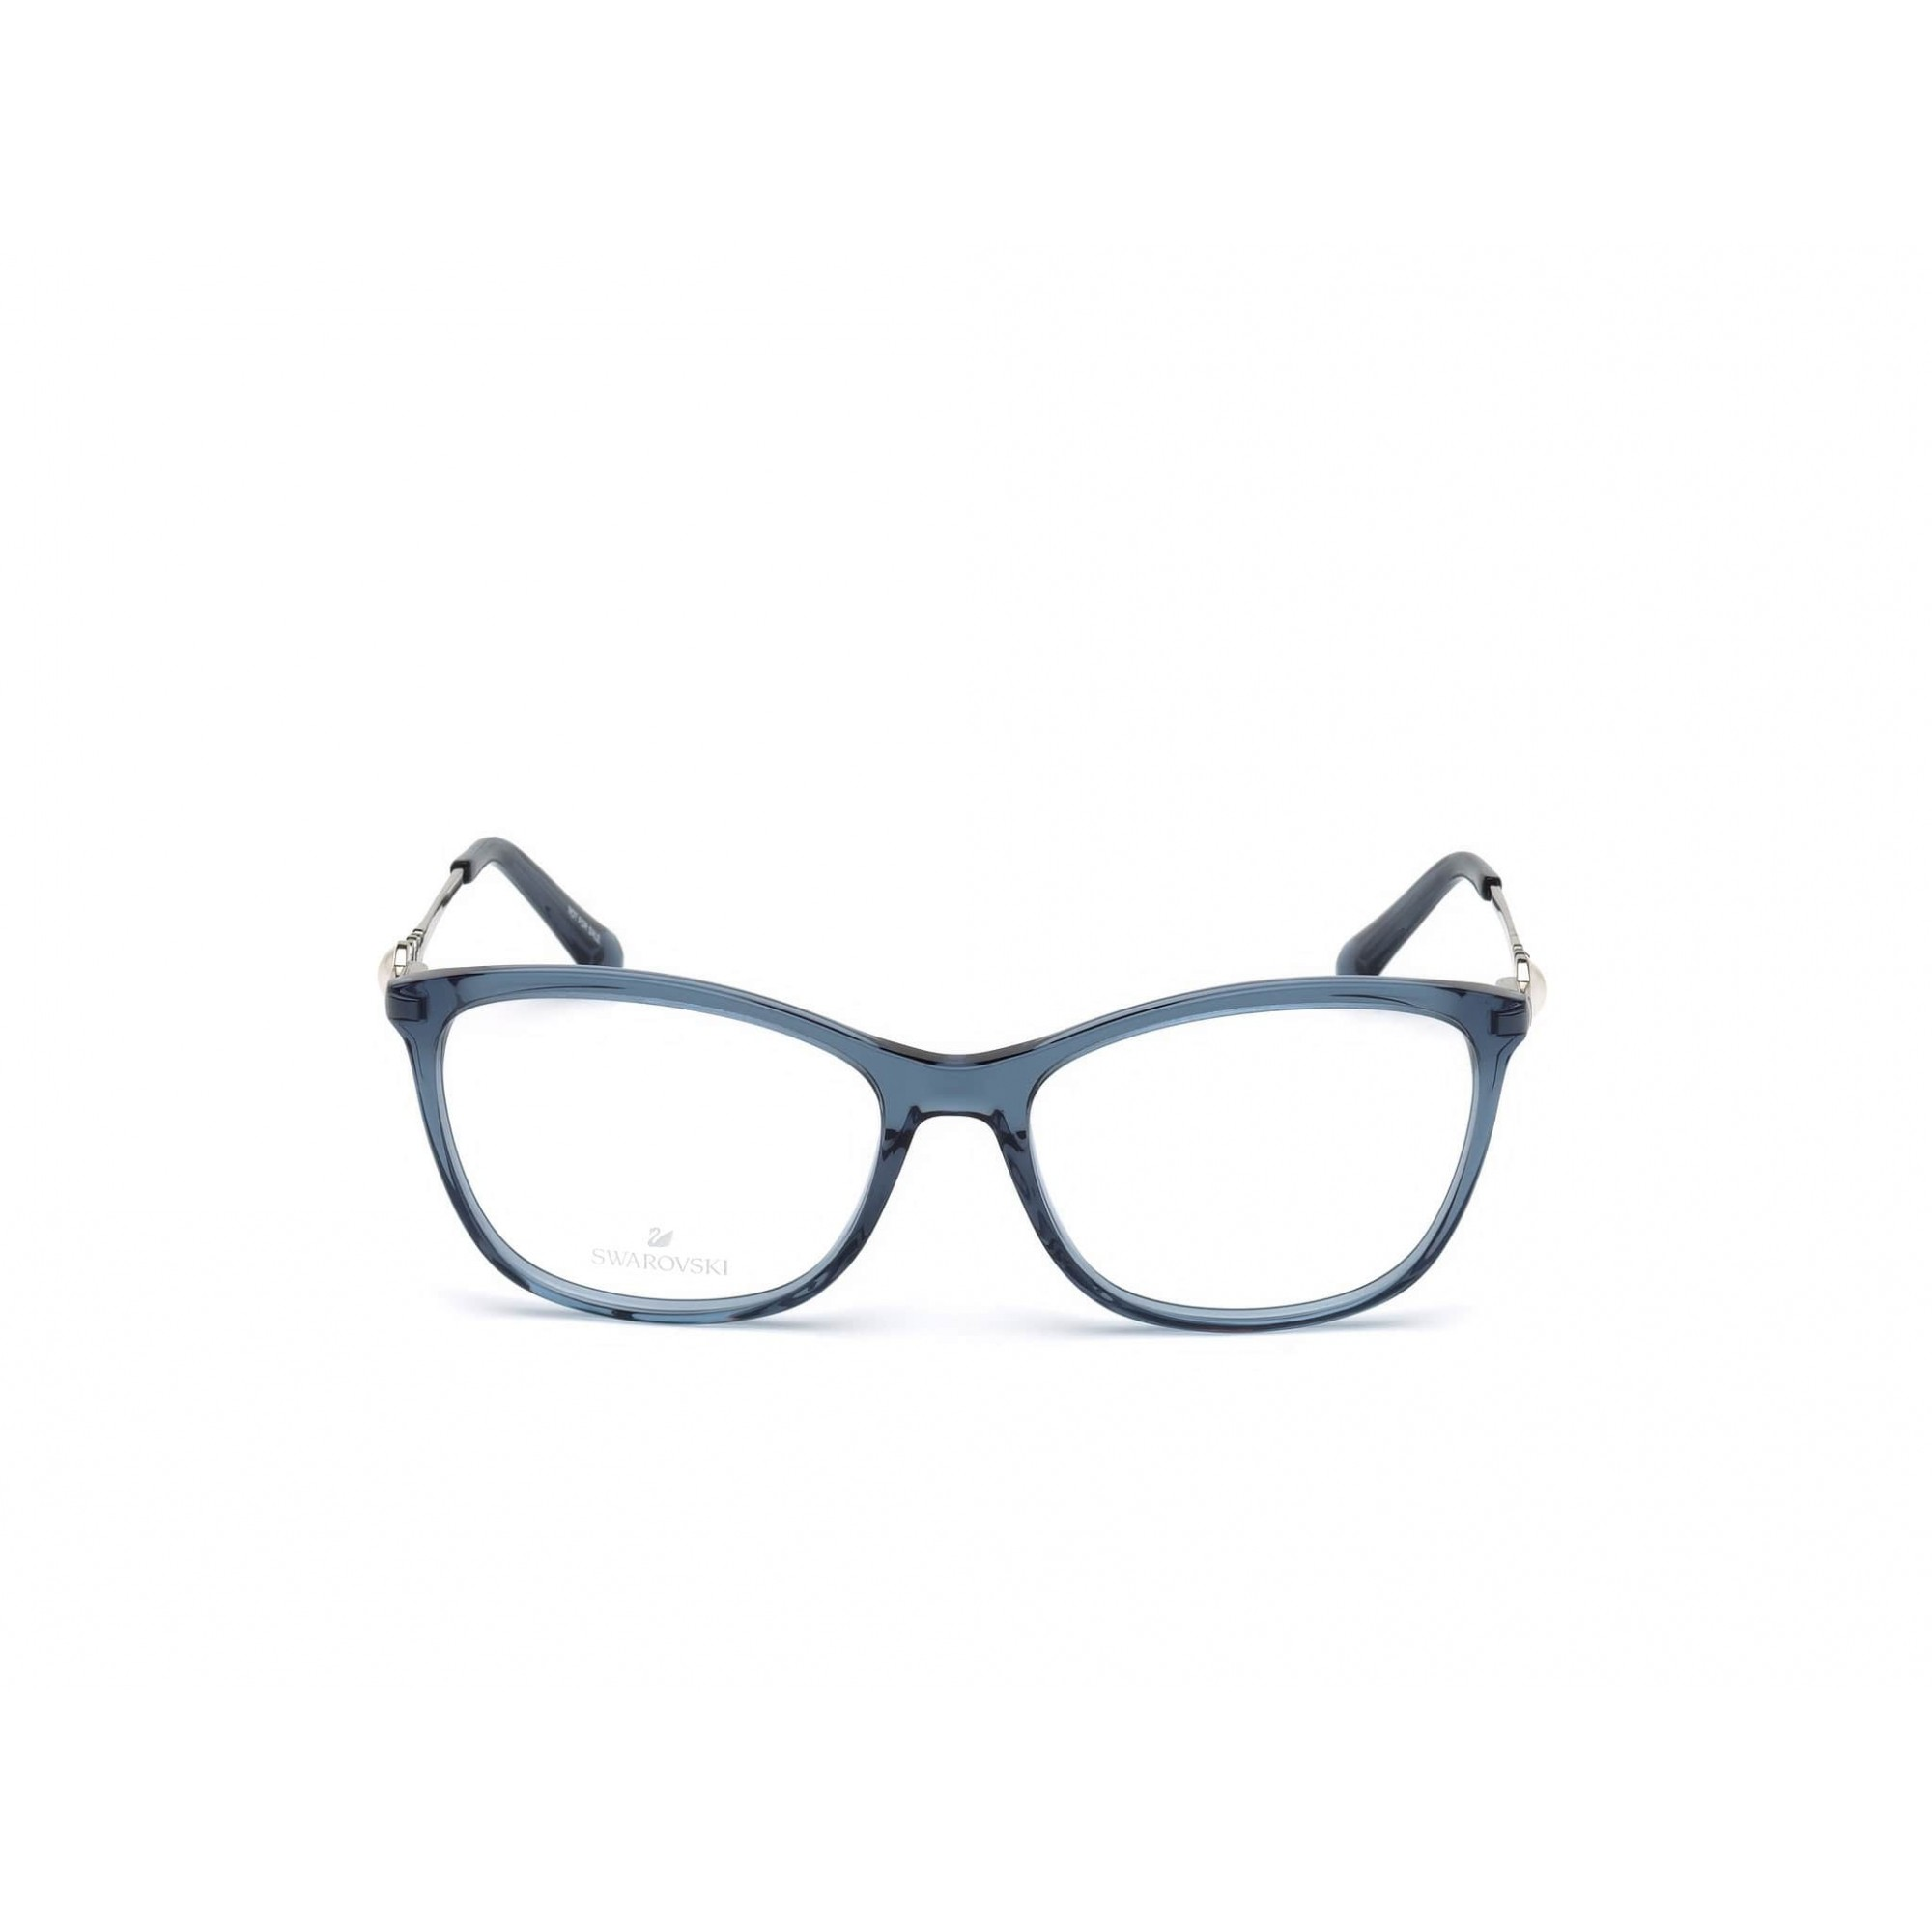 Swarovski - SK5276 090 54 - Óculos de grau